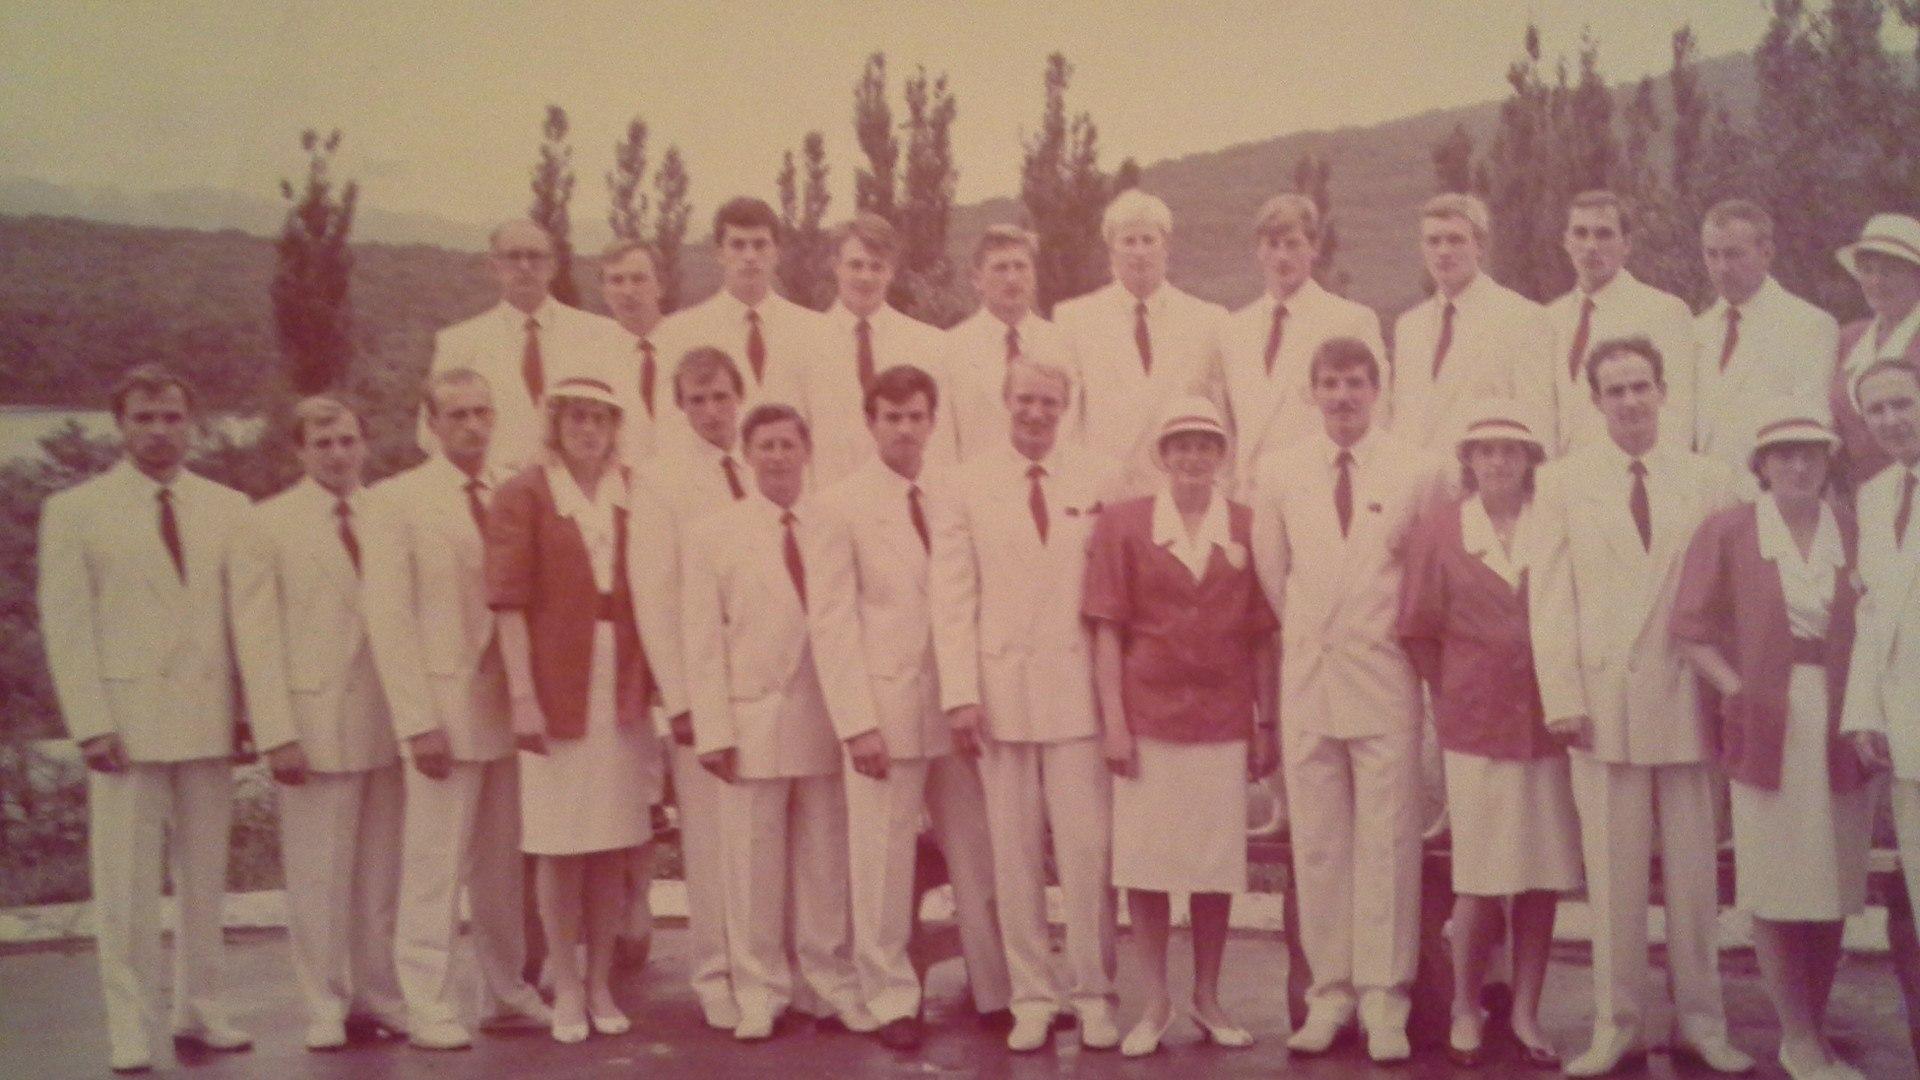 Фото из личного архива Виктора Денисова. Так выглядела сборная России по гребле на Играх в Сеуле.